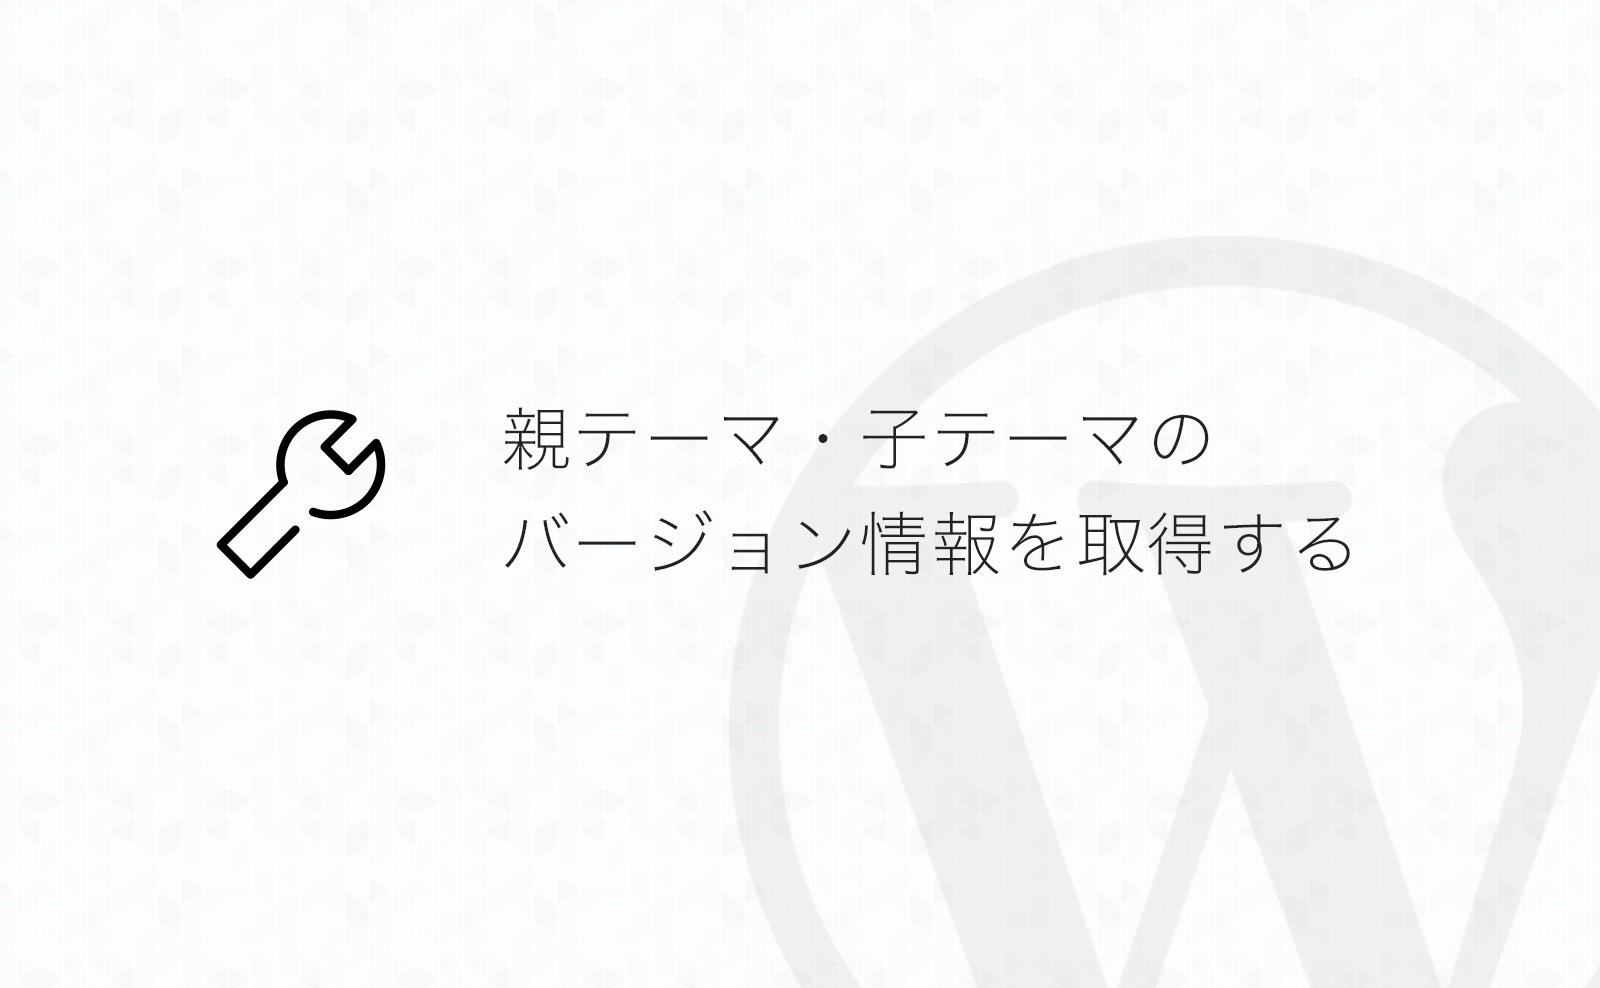 【WordPress】親テーマ・子テーマのバージョン情報を取得する方法